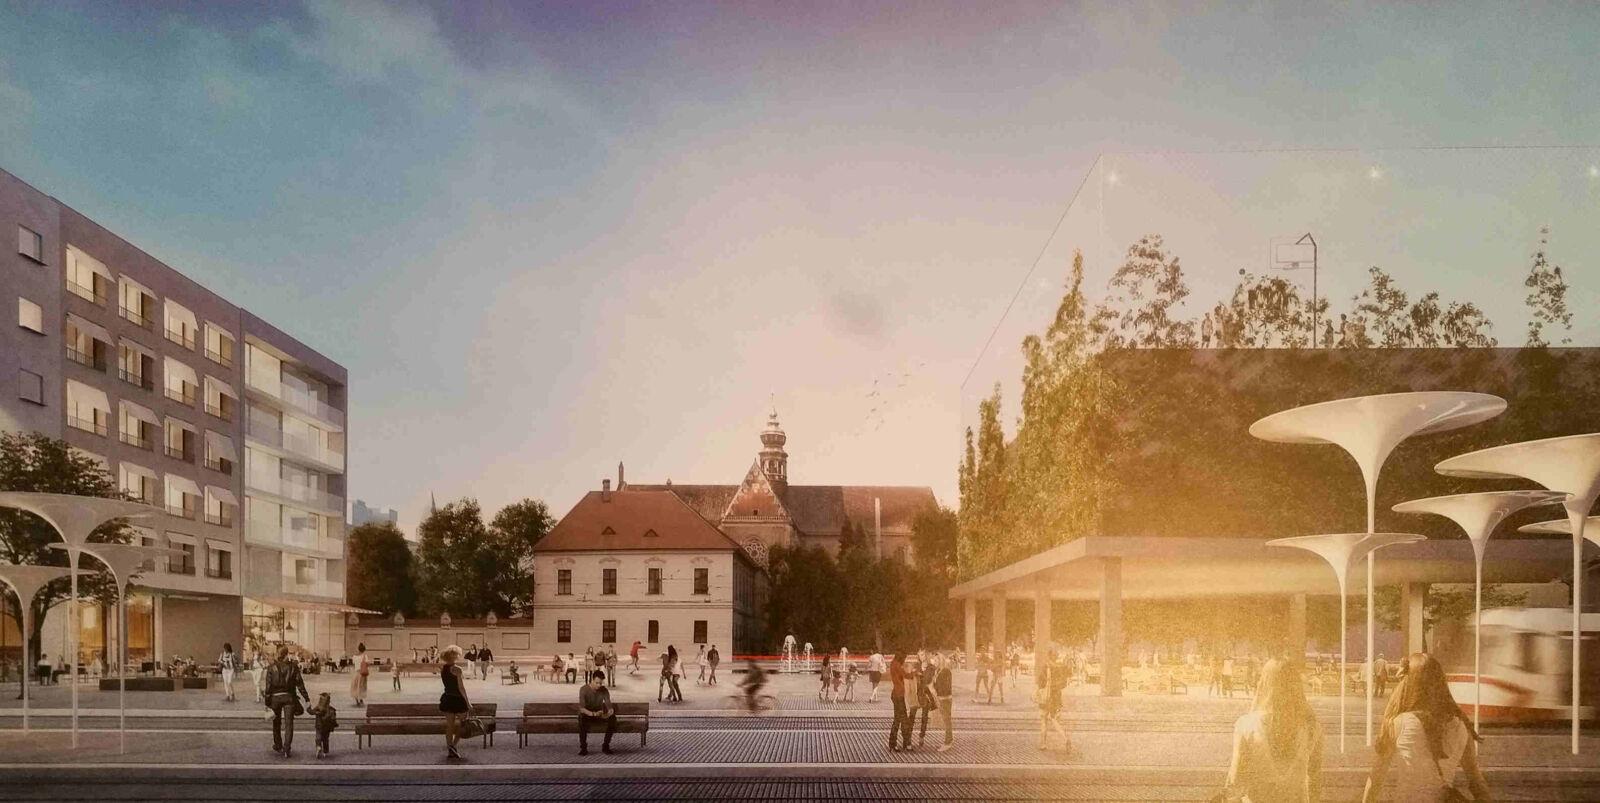 Vizualizace nové podoby Mendlovo náměstí v Brně, 2019